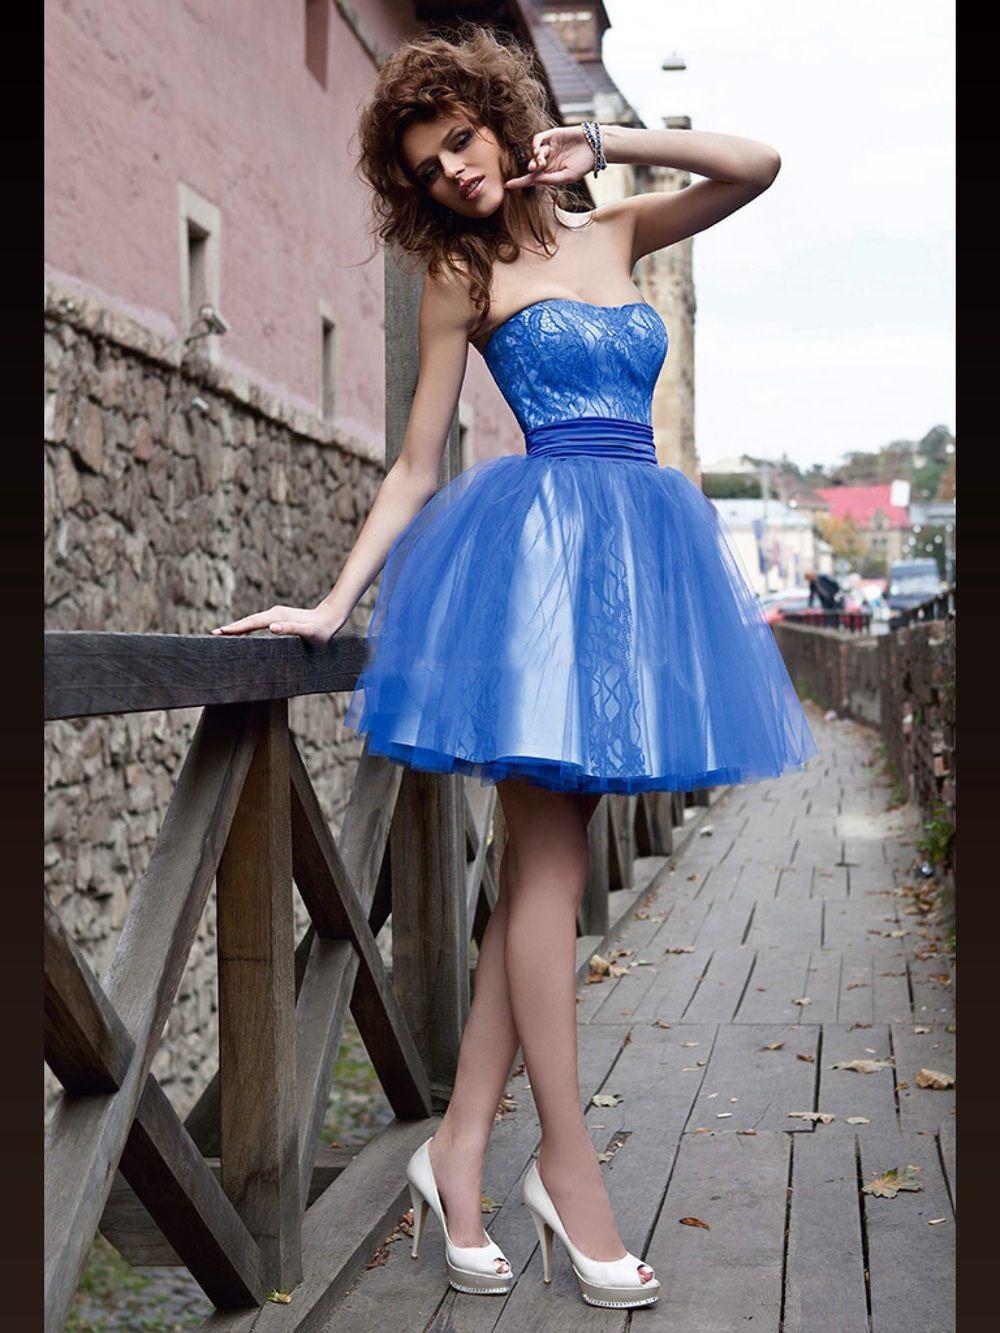 Tatlı Mavi Balo Mezuniyet Elbiseleri Straplez Dantel Tül Mini Kısa Puf Balo Elbise Custom Made Parti Kıyafeti Gençler Için